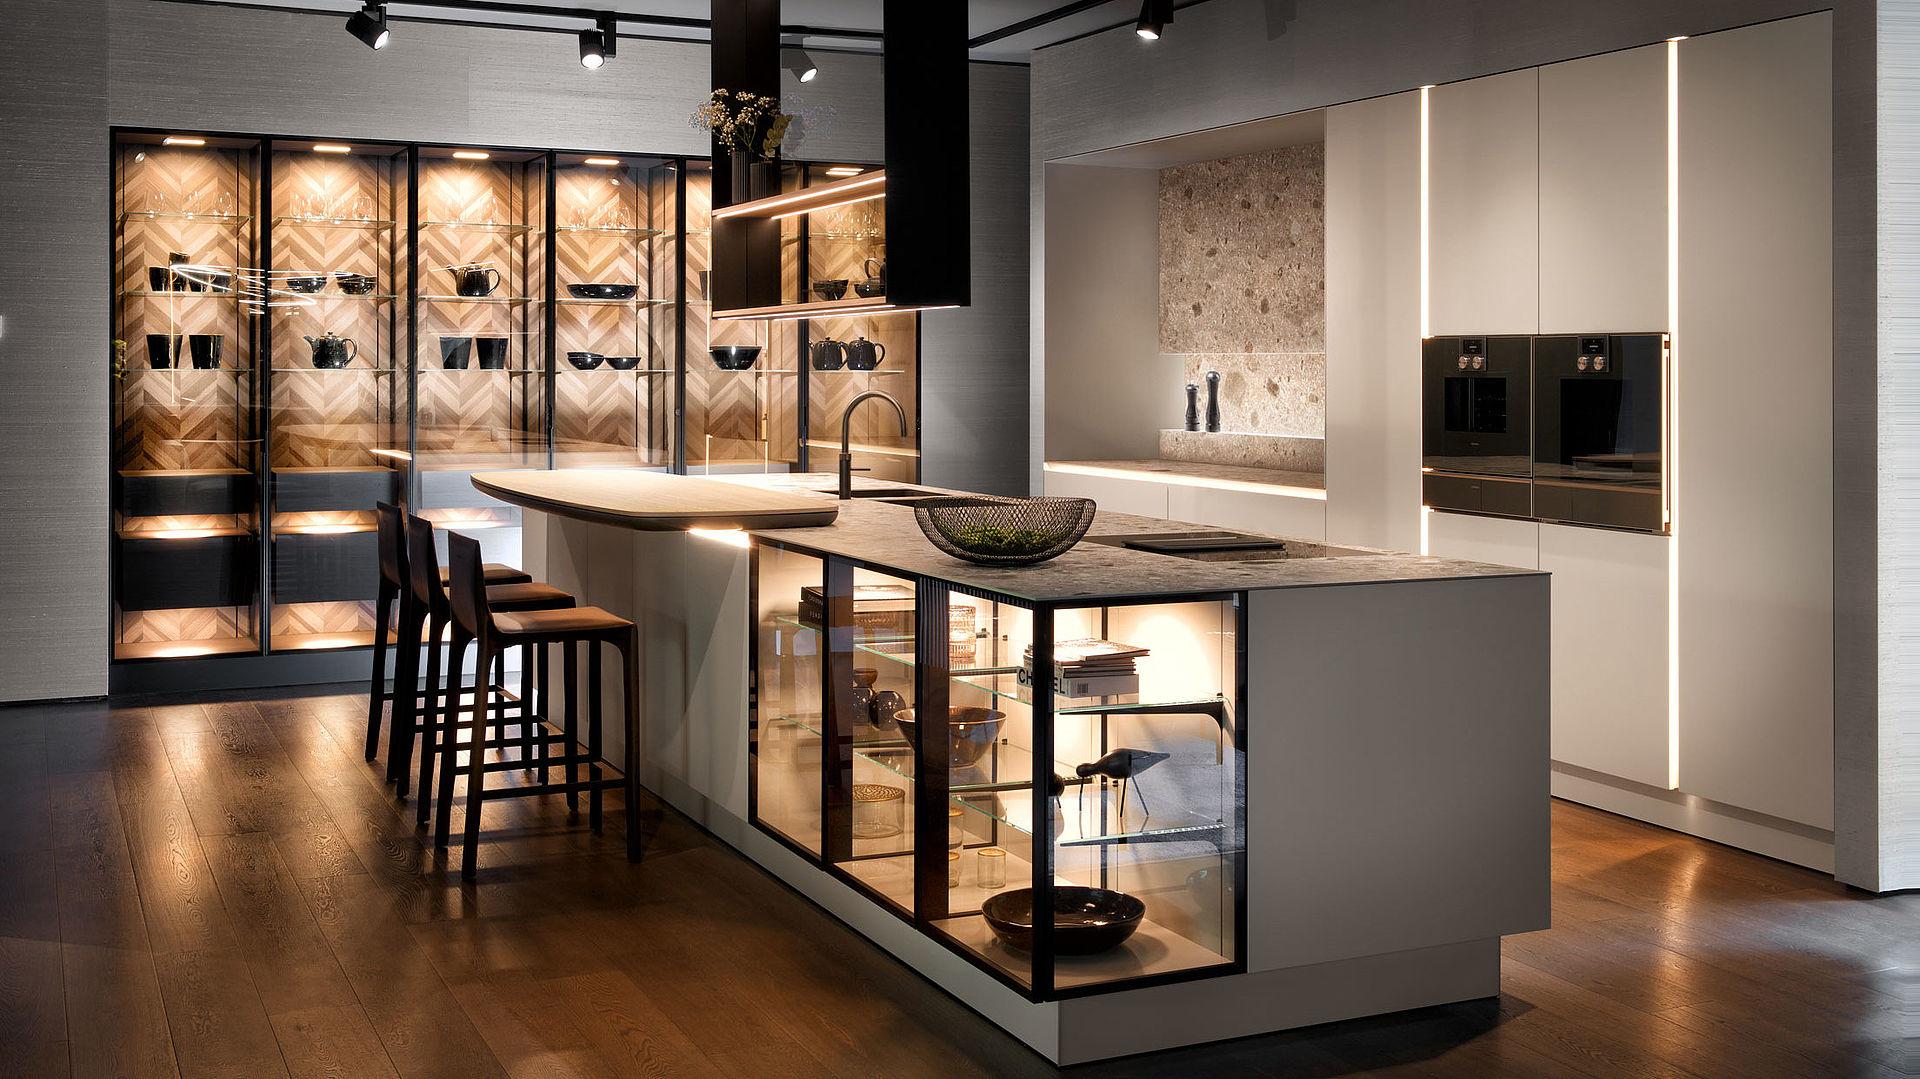 Nieuwe Design Keuken : De nieuwe greeploze designkeuken van siematic nieuws startpagina